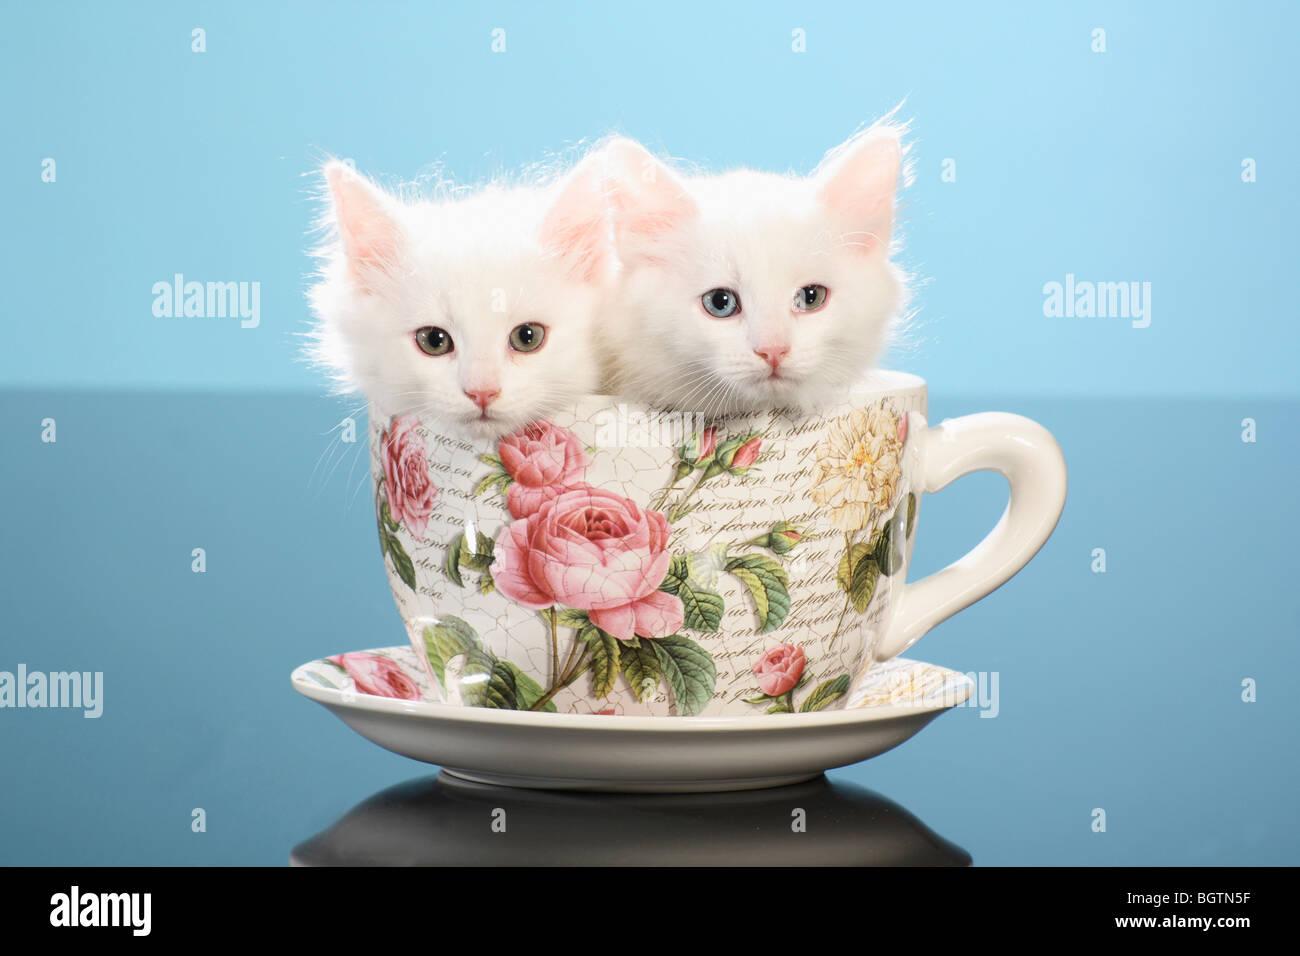 diy cat costumes